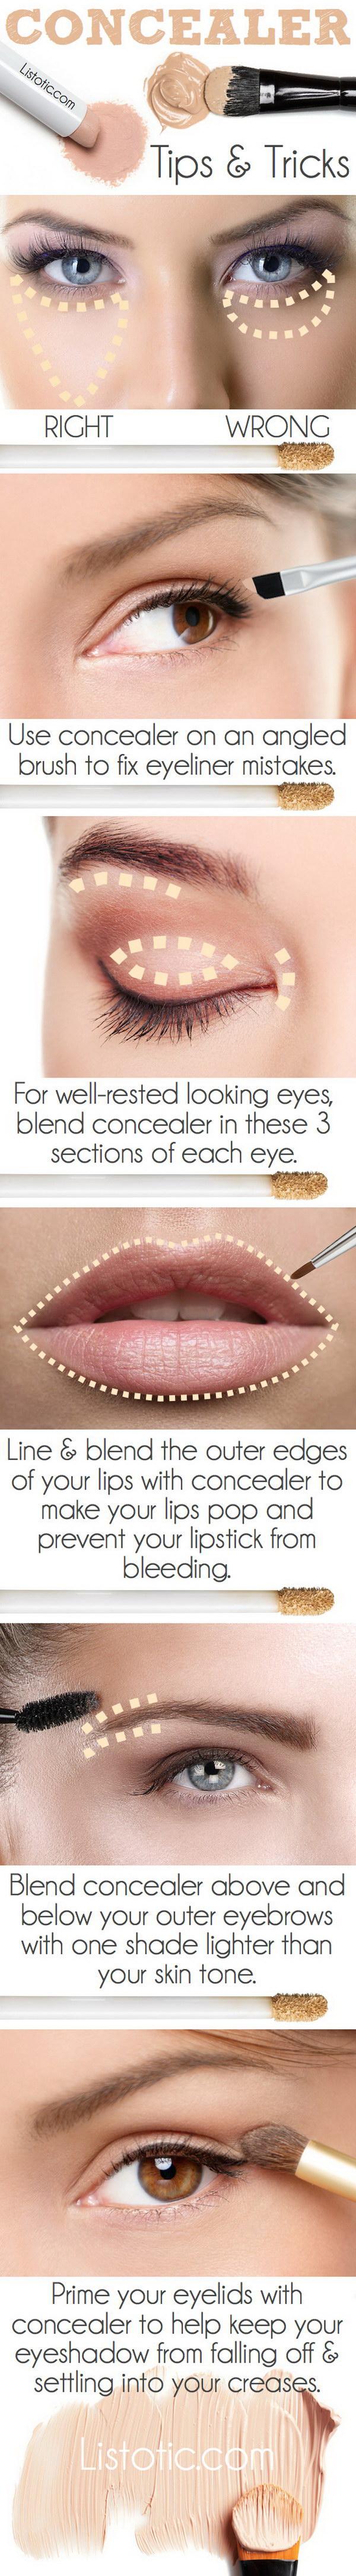 Concealer Tips & Tricks.